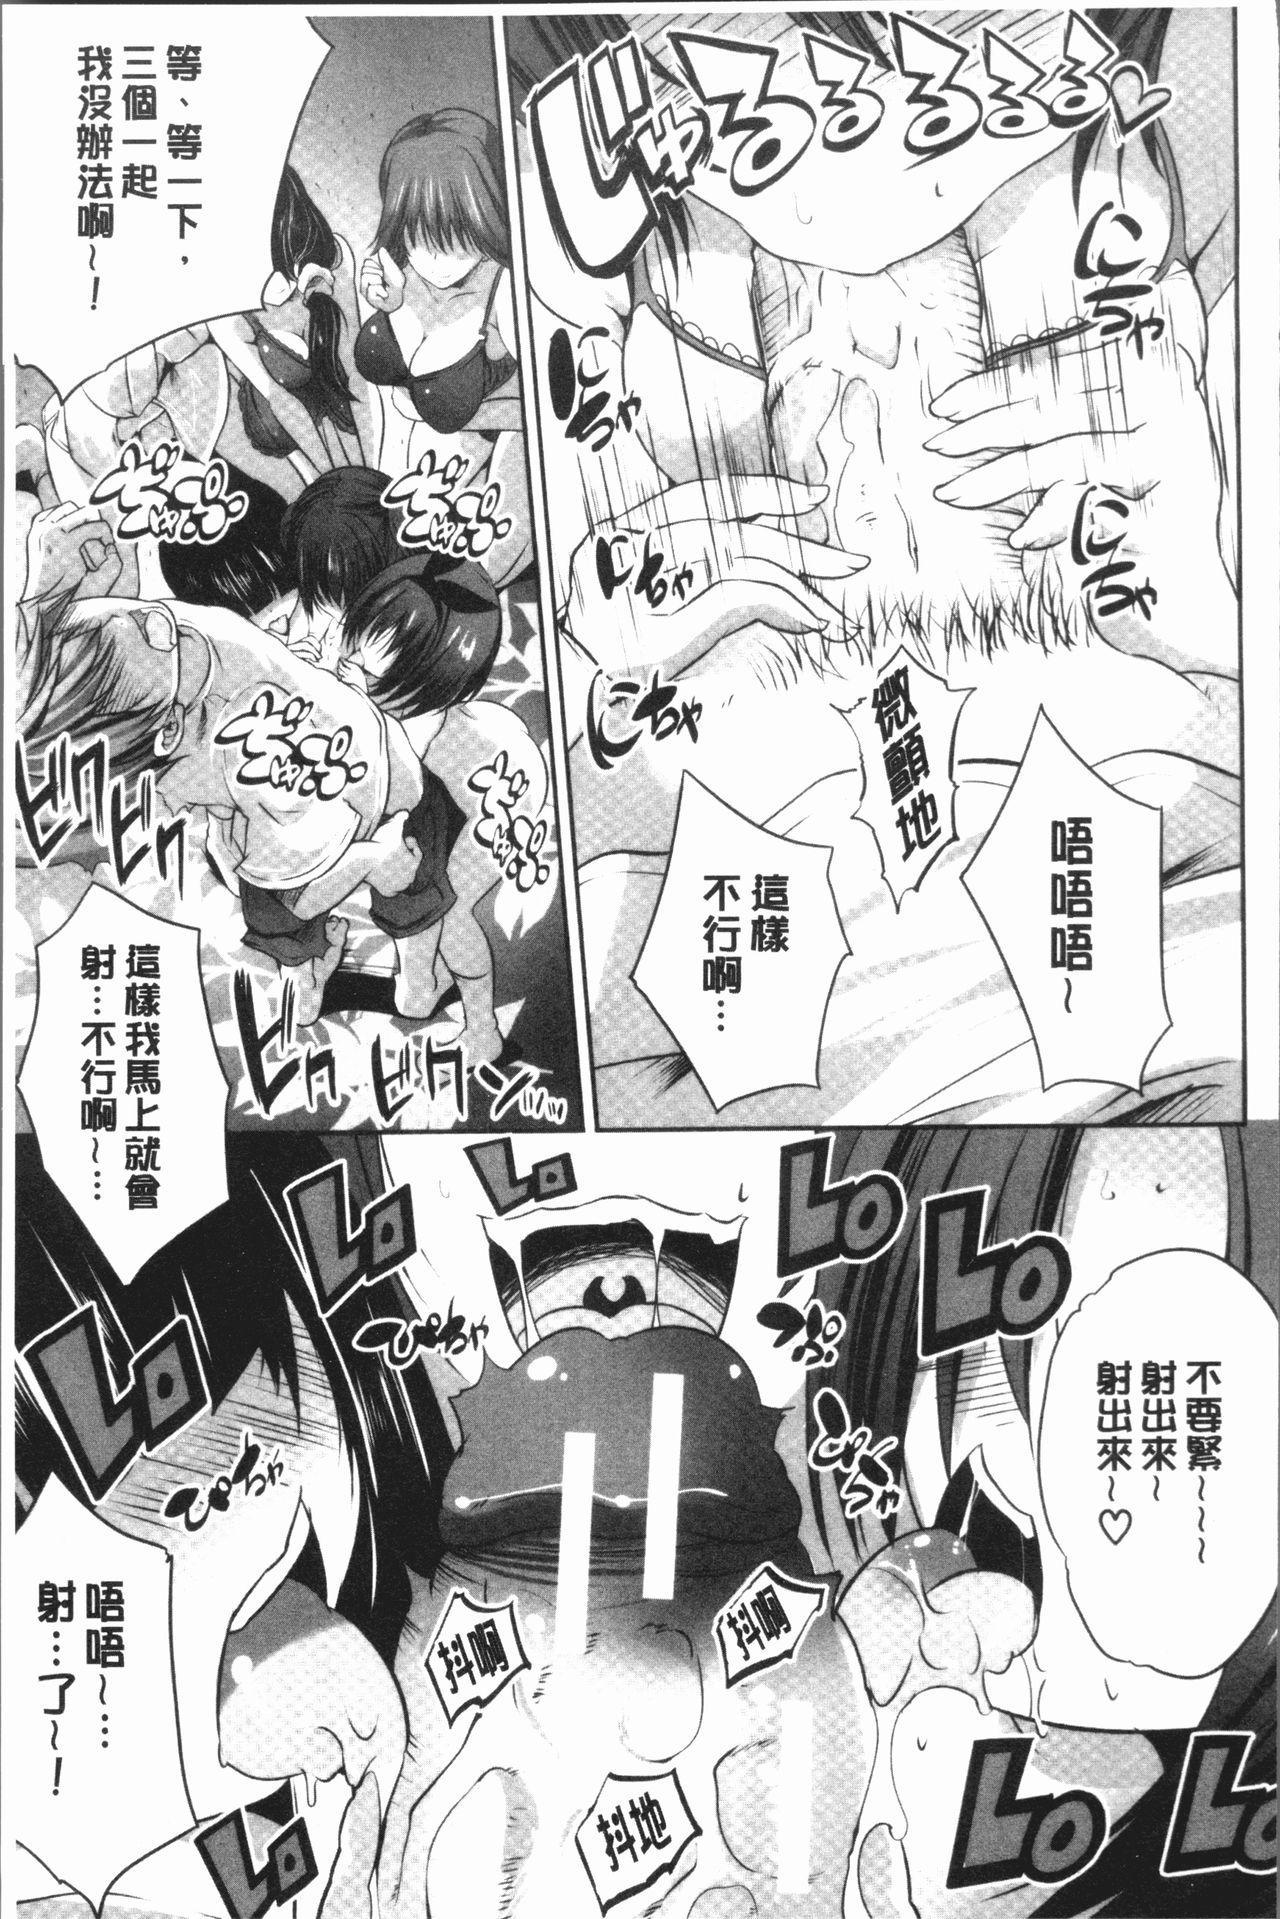 Nanimo Shitenai no ni Bitch Oyako ni Gyaku Rape Saremakutta! 170